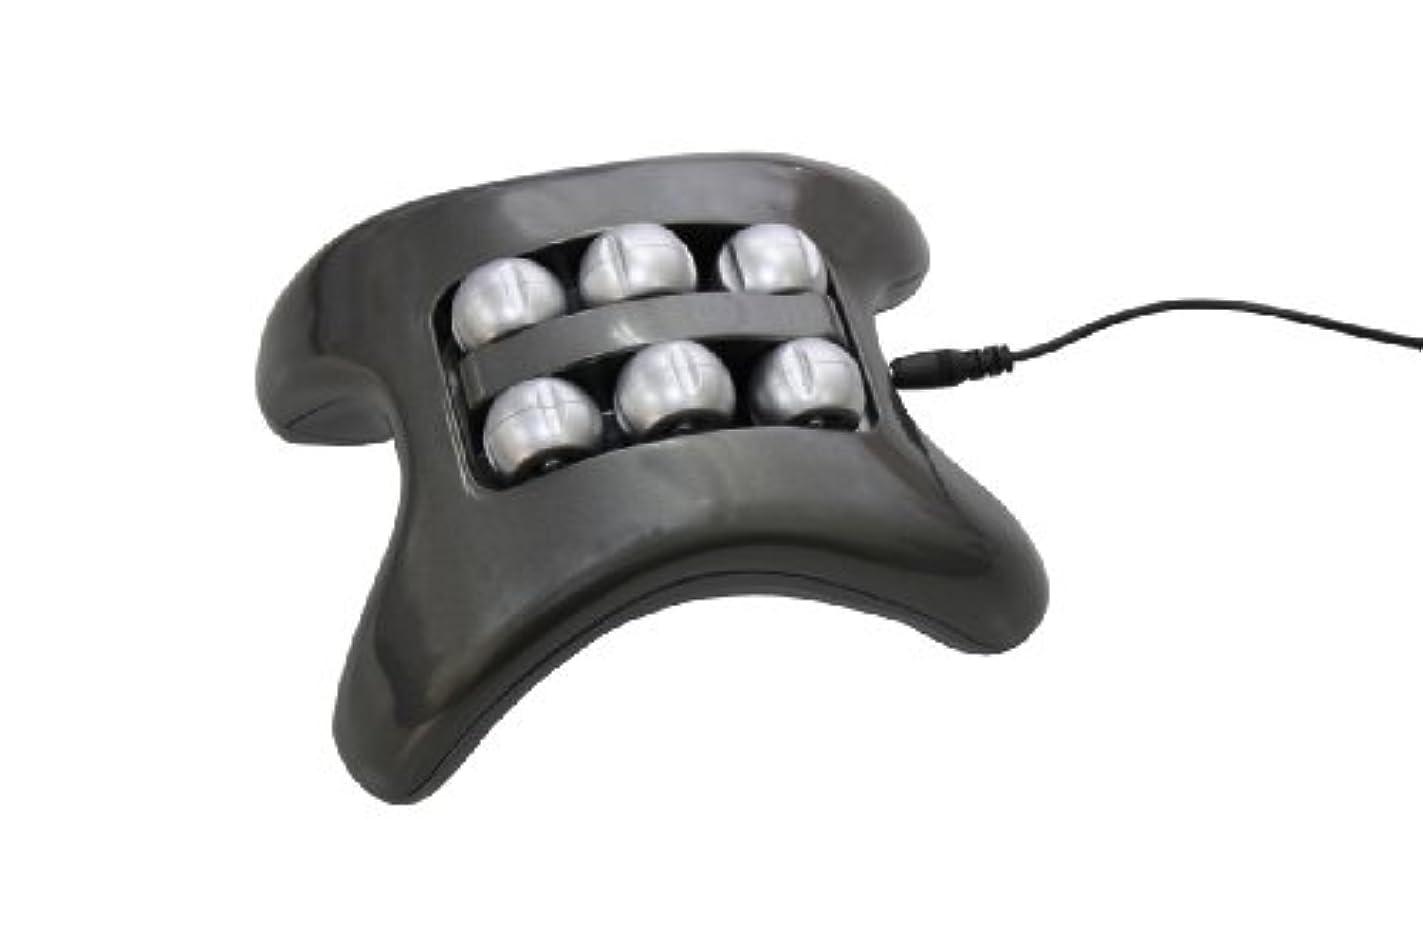 ベーコン愛人野心フットリフレッシュ 楽足くん 2WAY電源 単三電池&PC(USB接続)対応 (メタリックグレー)